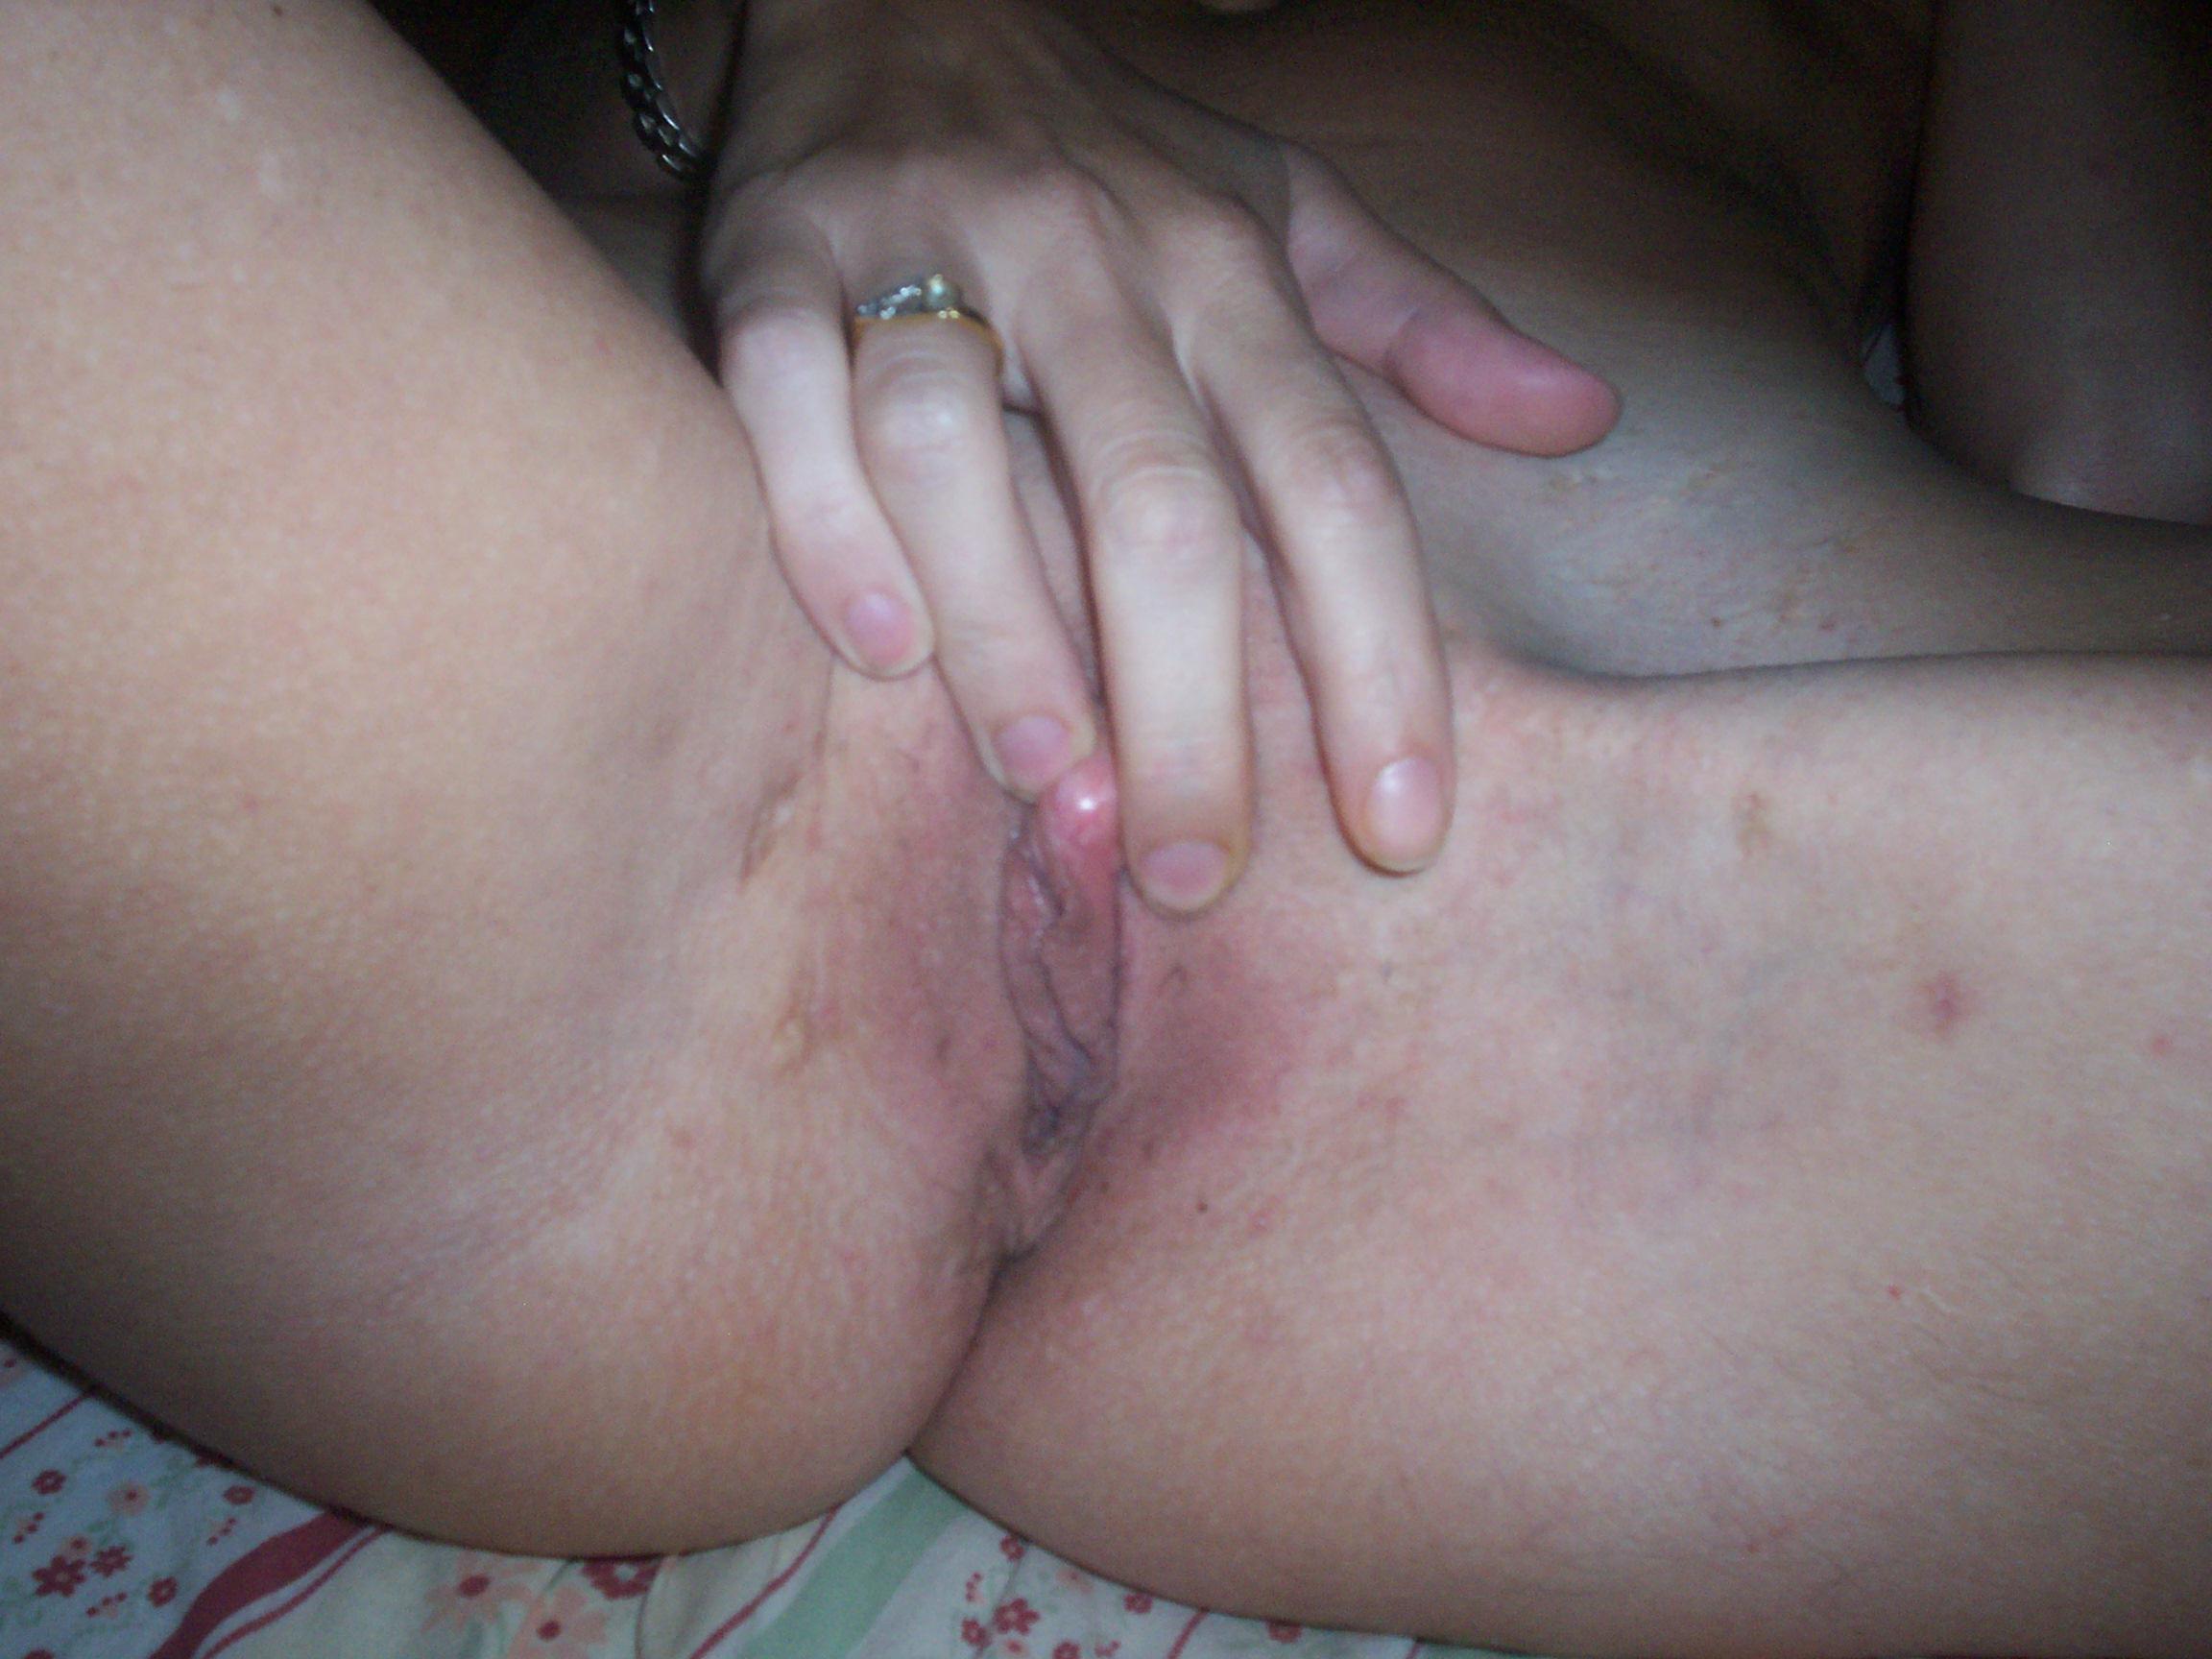 mujer masturbandose coño pelado